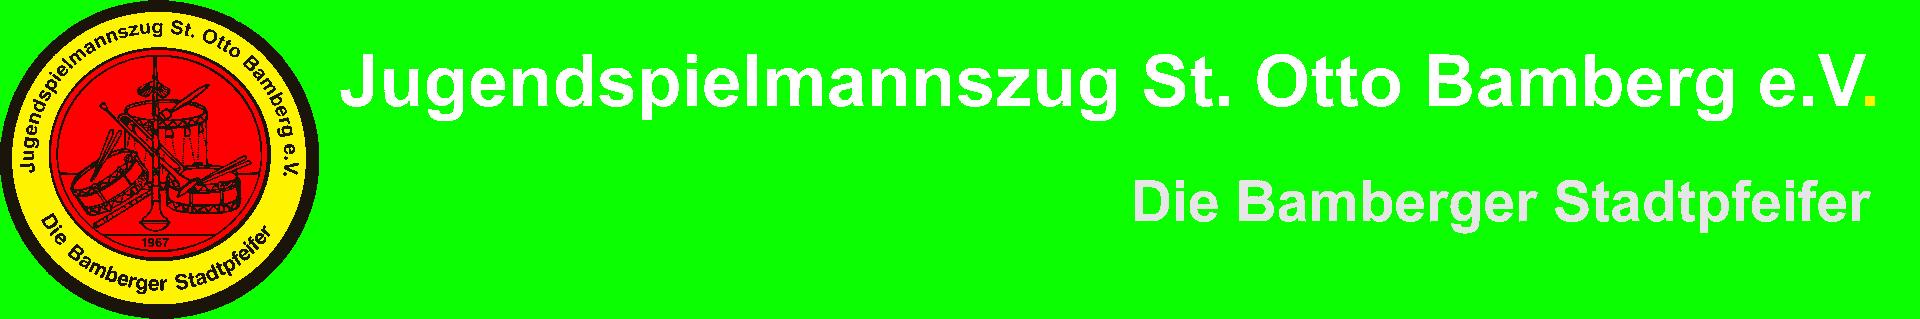 Jugendspielmannszug St. Otto Bamberg e.V.